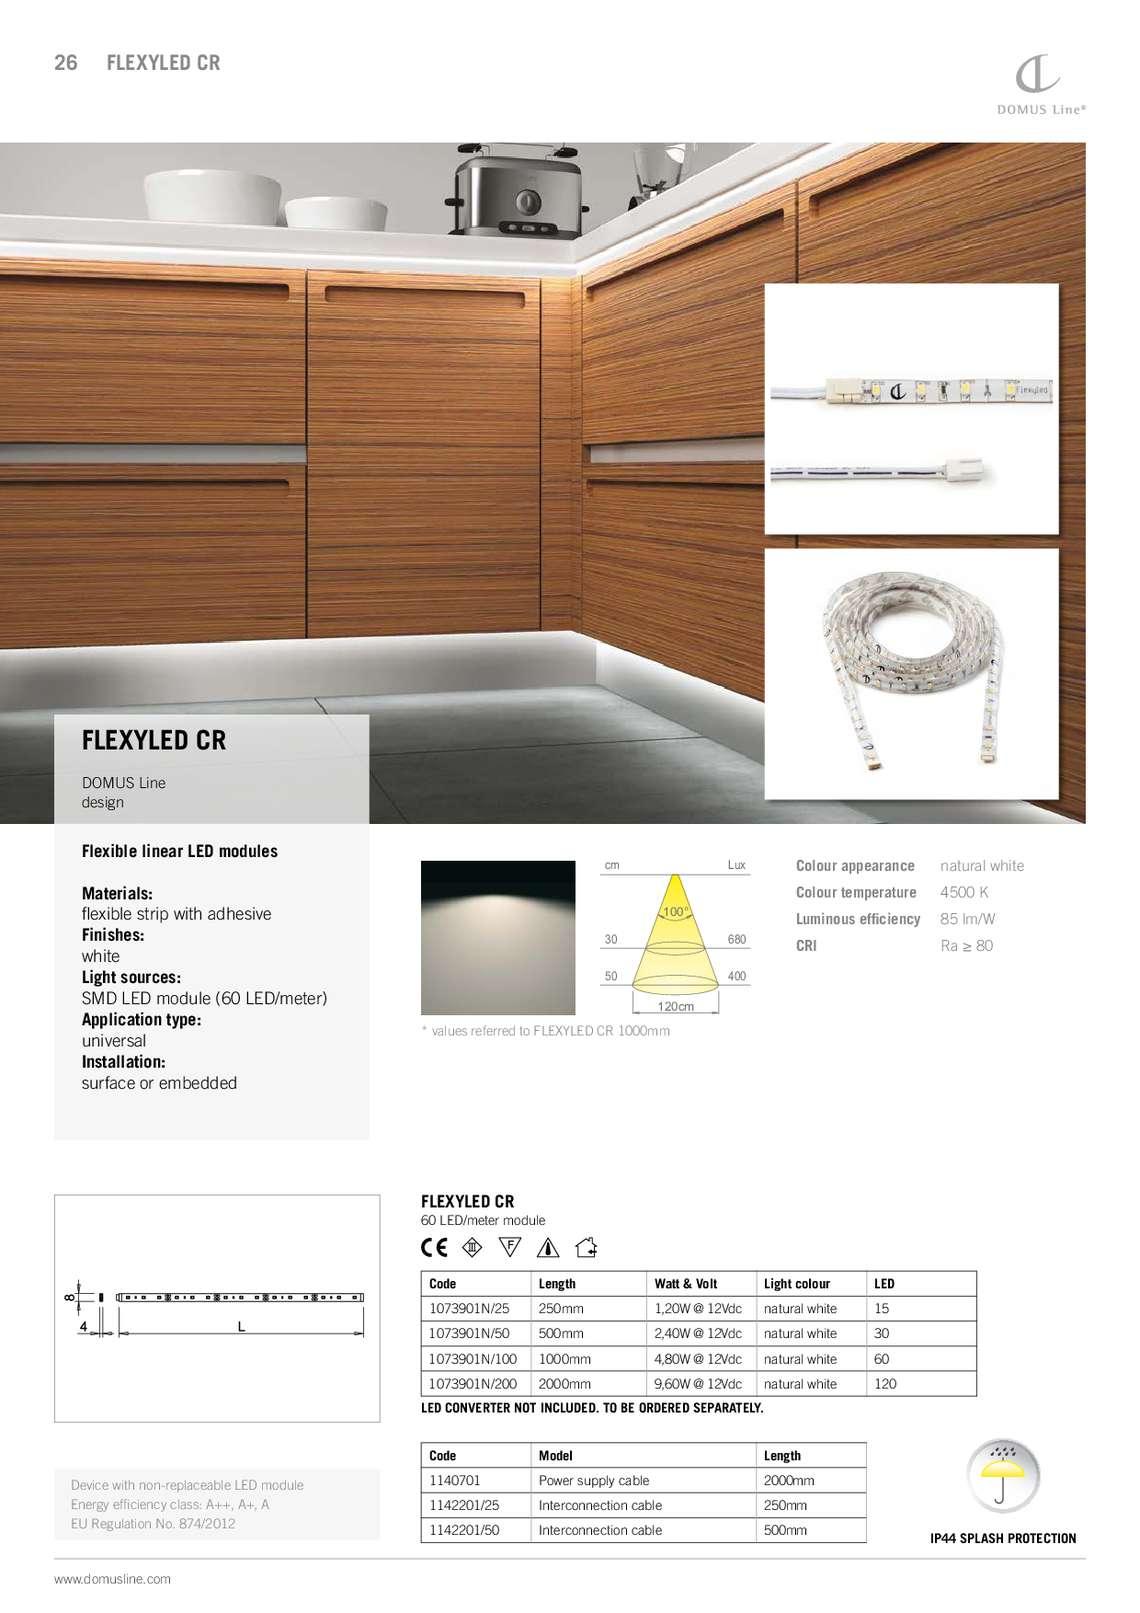 domus-line-top-seller_27_027.jpg